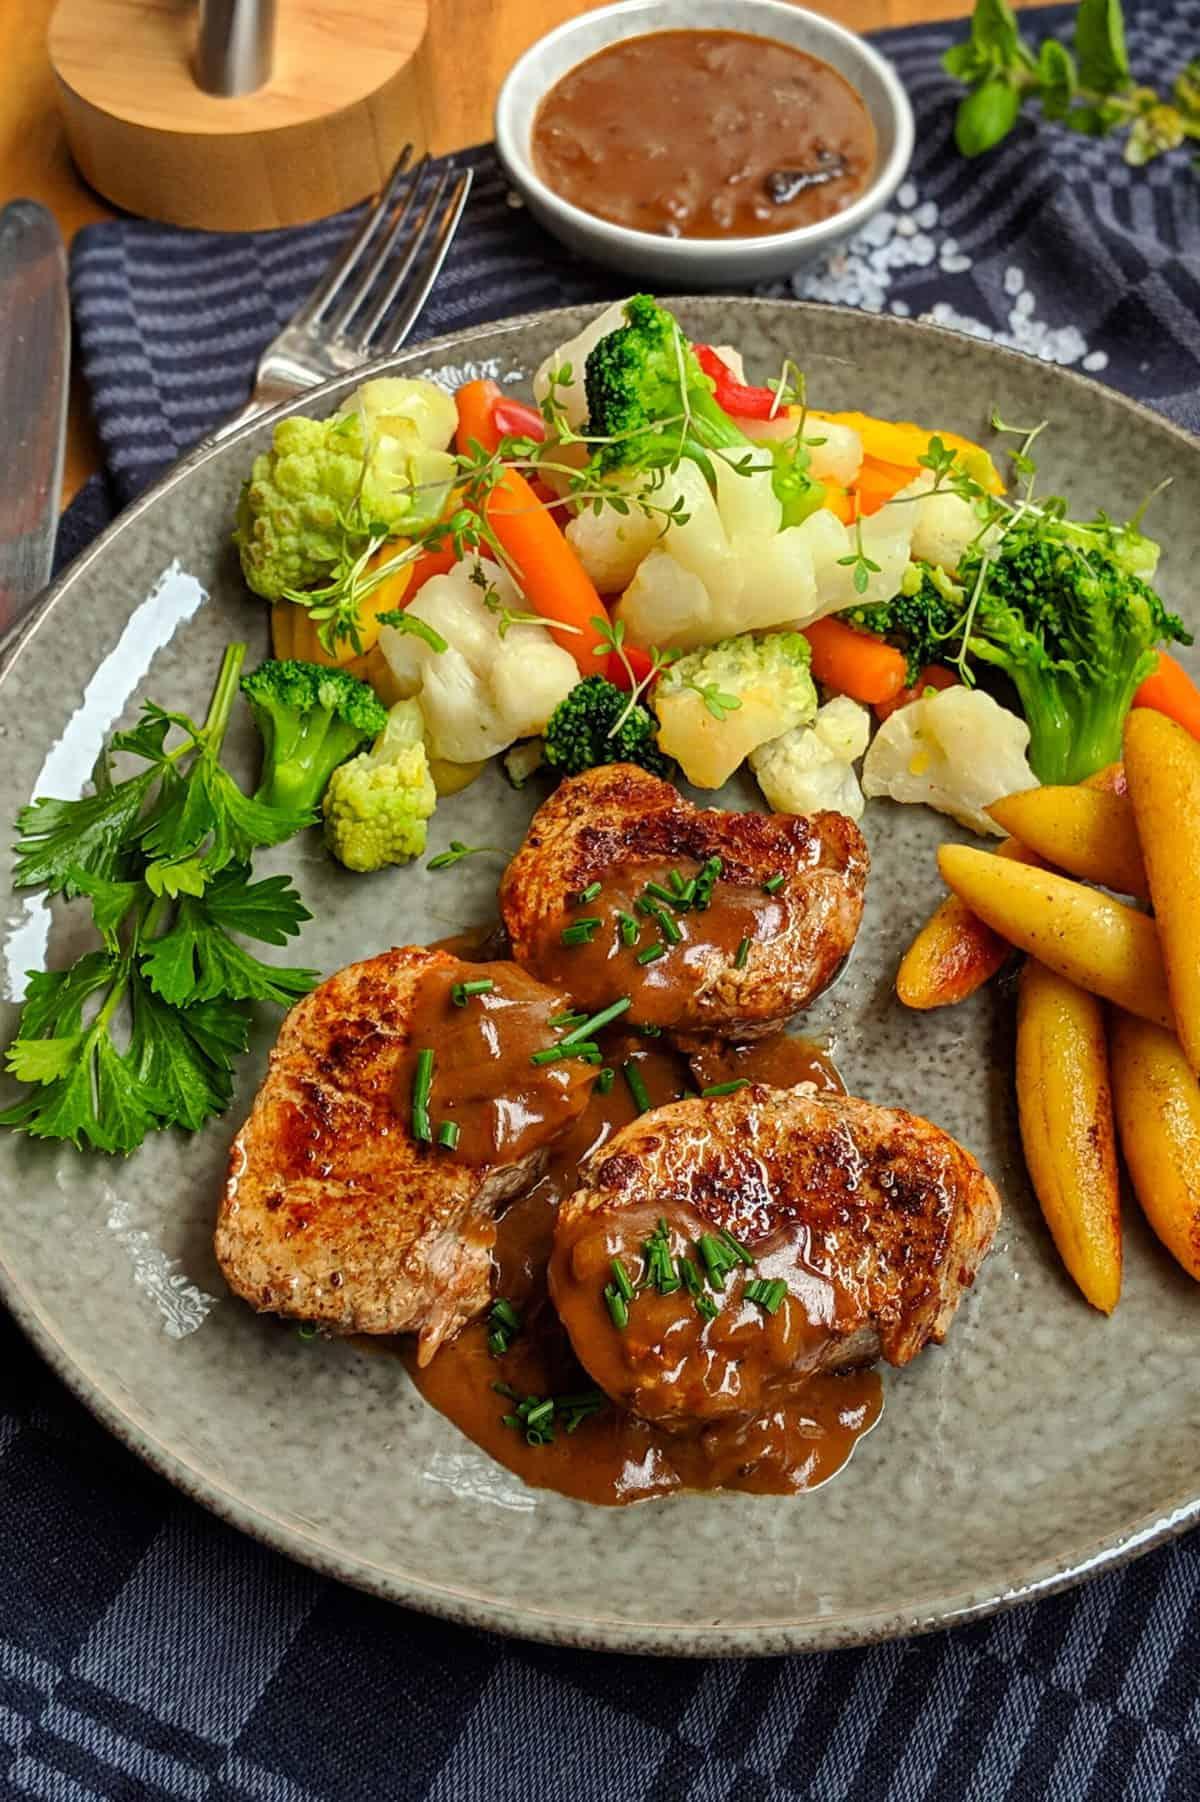 Ein dunkler Teller mit Schweinelende in Pfefferrahm mit Schupfnudeln und buntem Gemüse.